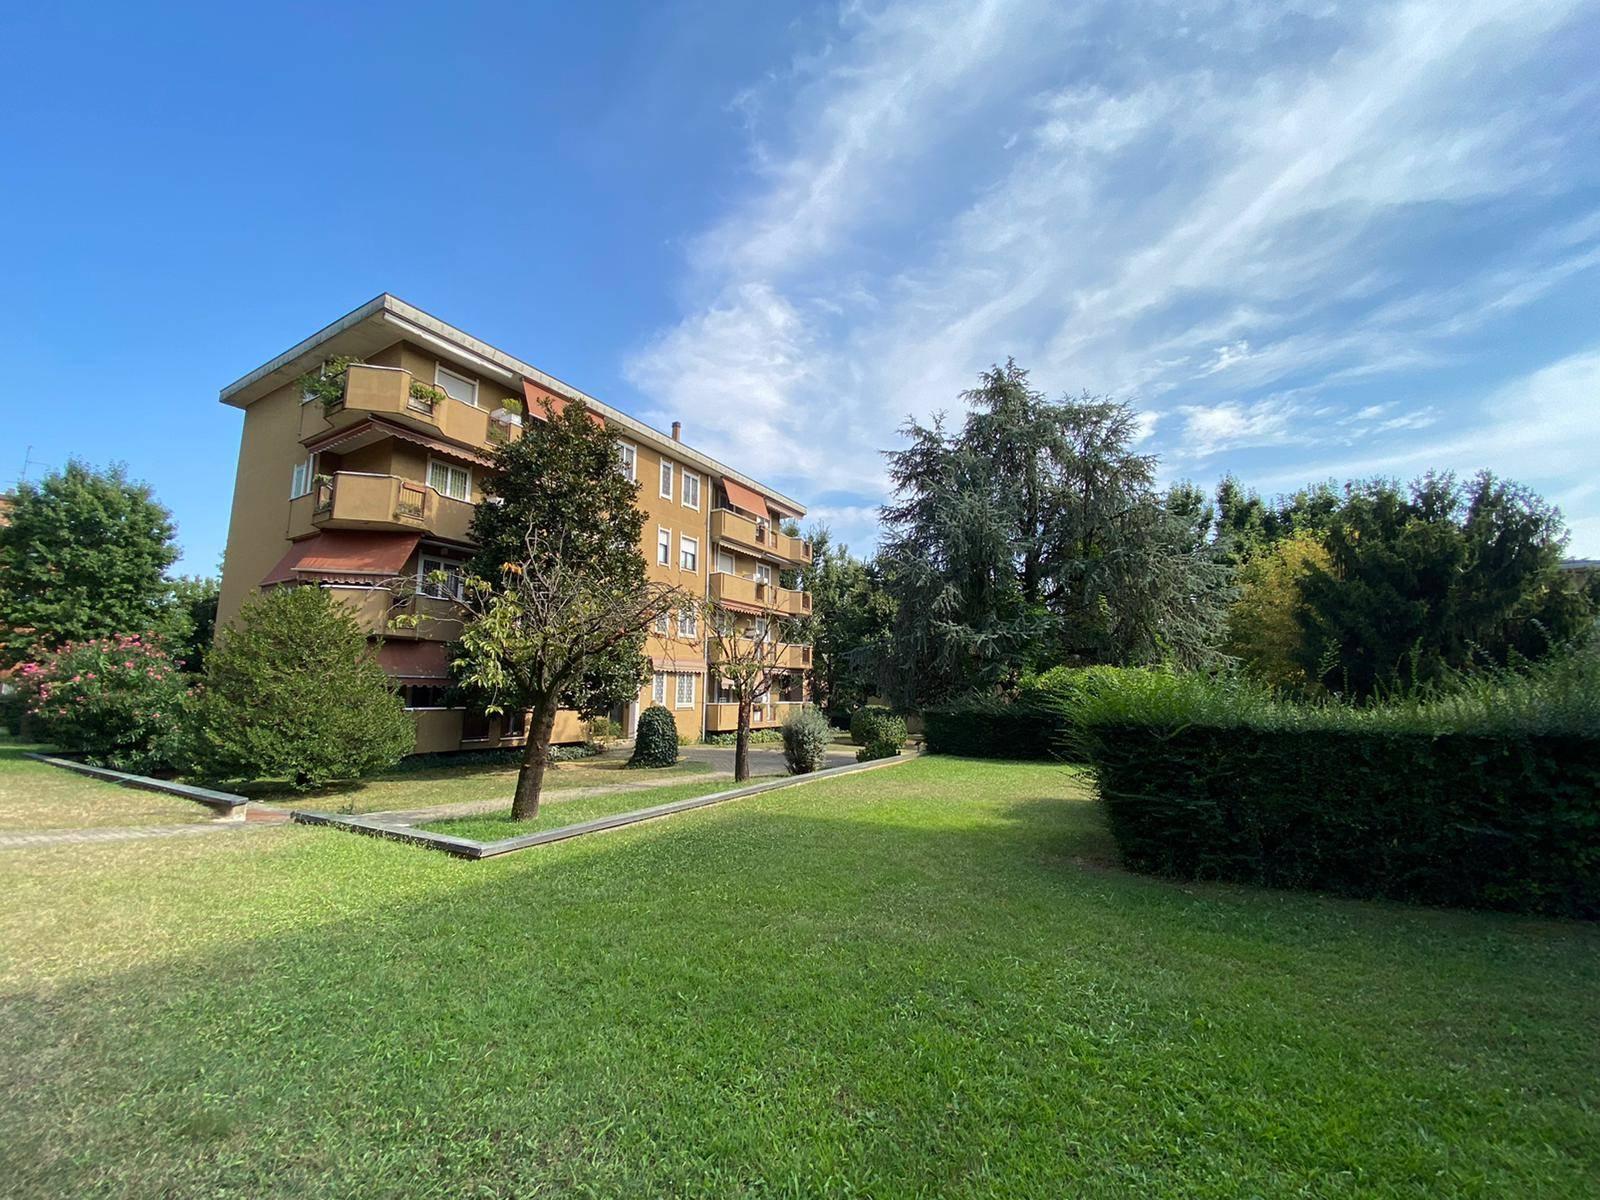 UBICAZIONE: Cassina de Pecchi - Via Grandi - in complesso immerso nel verde e vicino ai principali servizi -Metropolitana - pista ciclopedonale e parchi nelle immediate vicinanze. TIPOLOGIA: